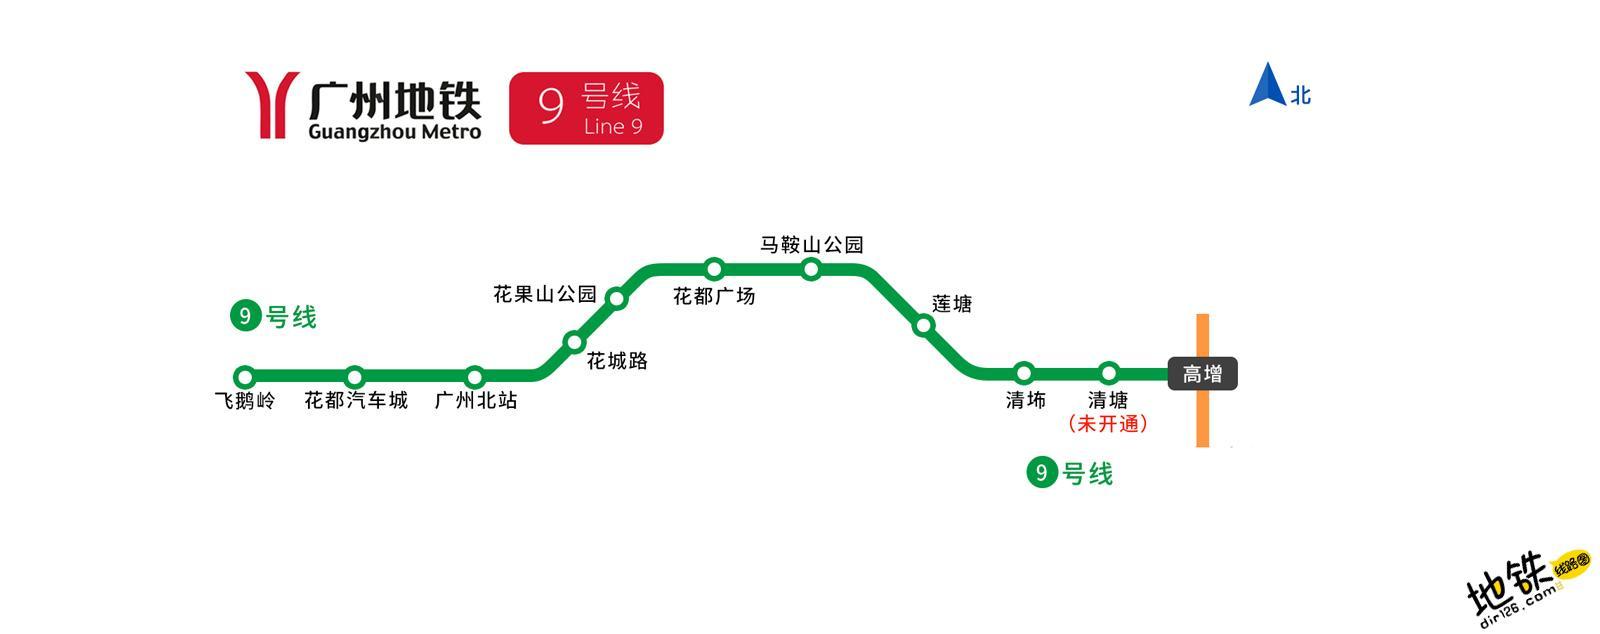 广州地铁9号线线路图 运营时间票价站点 查询下载 广州地铁9号线查询 广州地铁9号线运营时间 广州地铁9号线线路图 广州地铁9号线 广州地铁九号线 广州地铁线路图  第2张